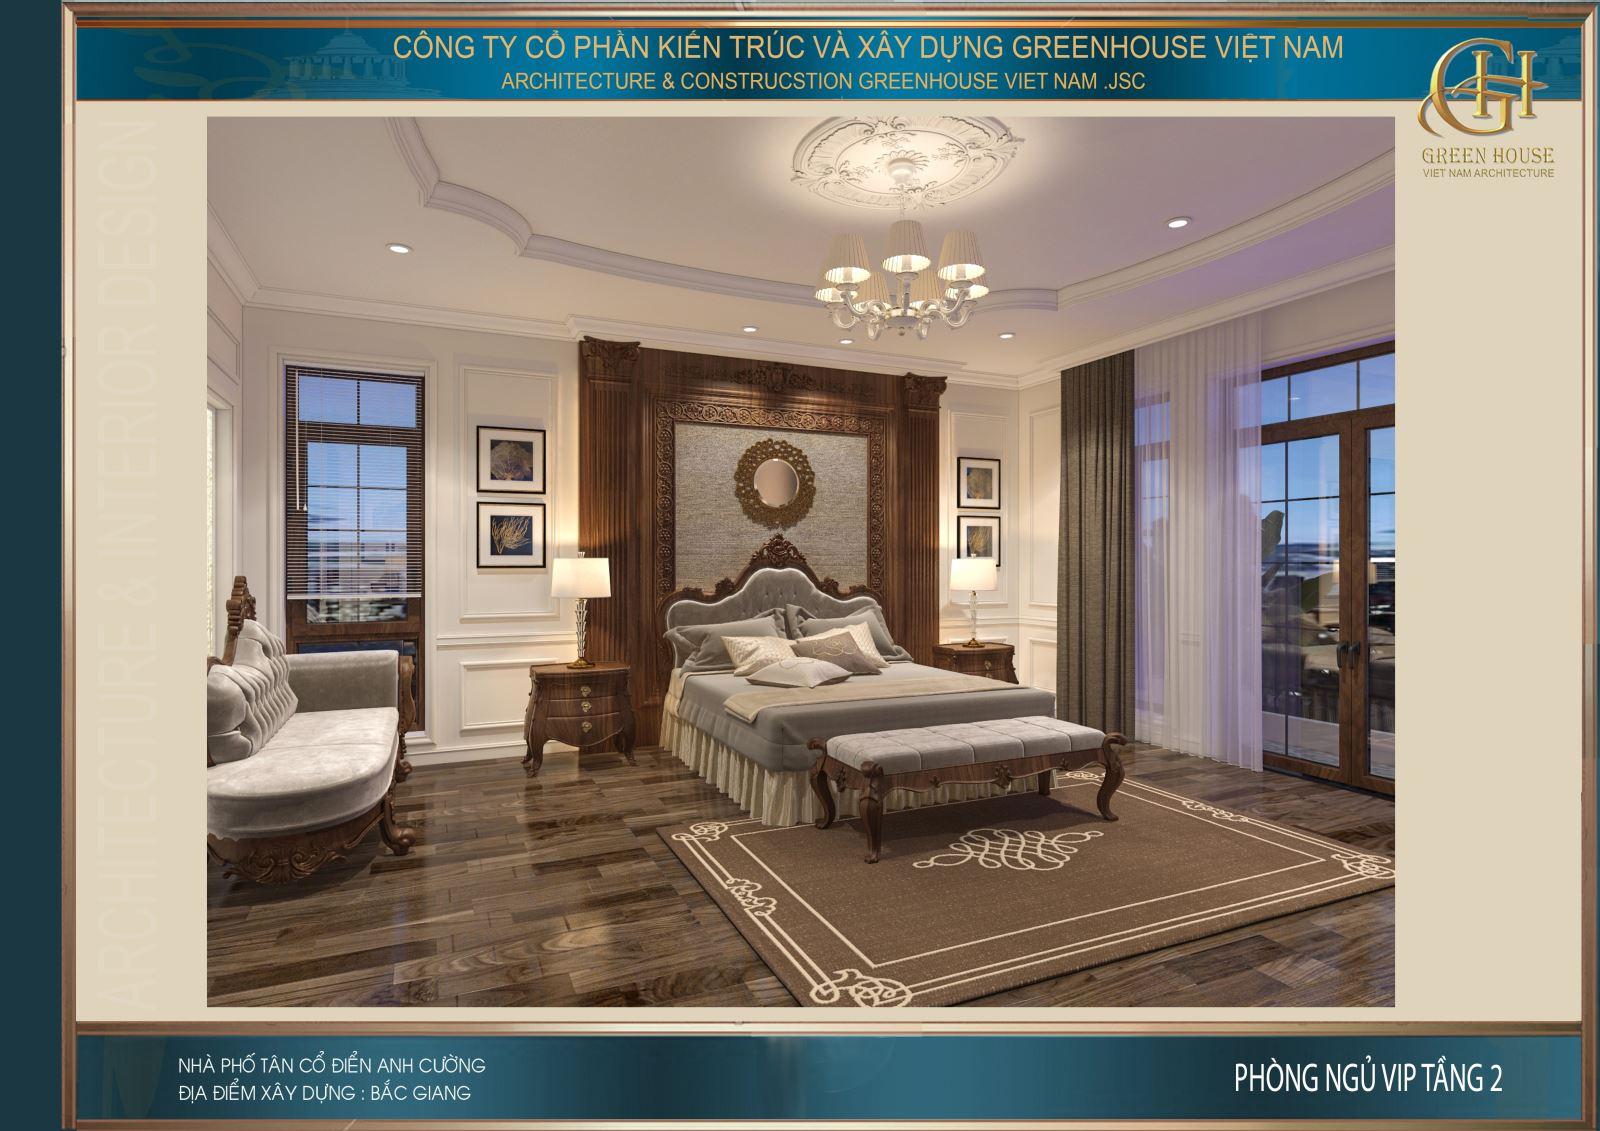 100 mẫu thiết kế nội thất phòng ngủ tân cổ điển đẹp lôi cuốn